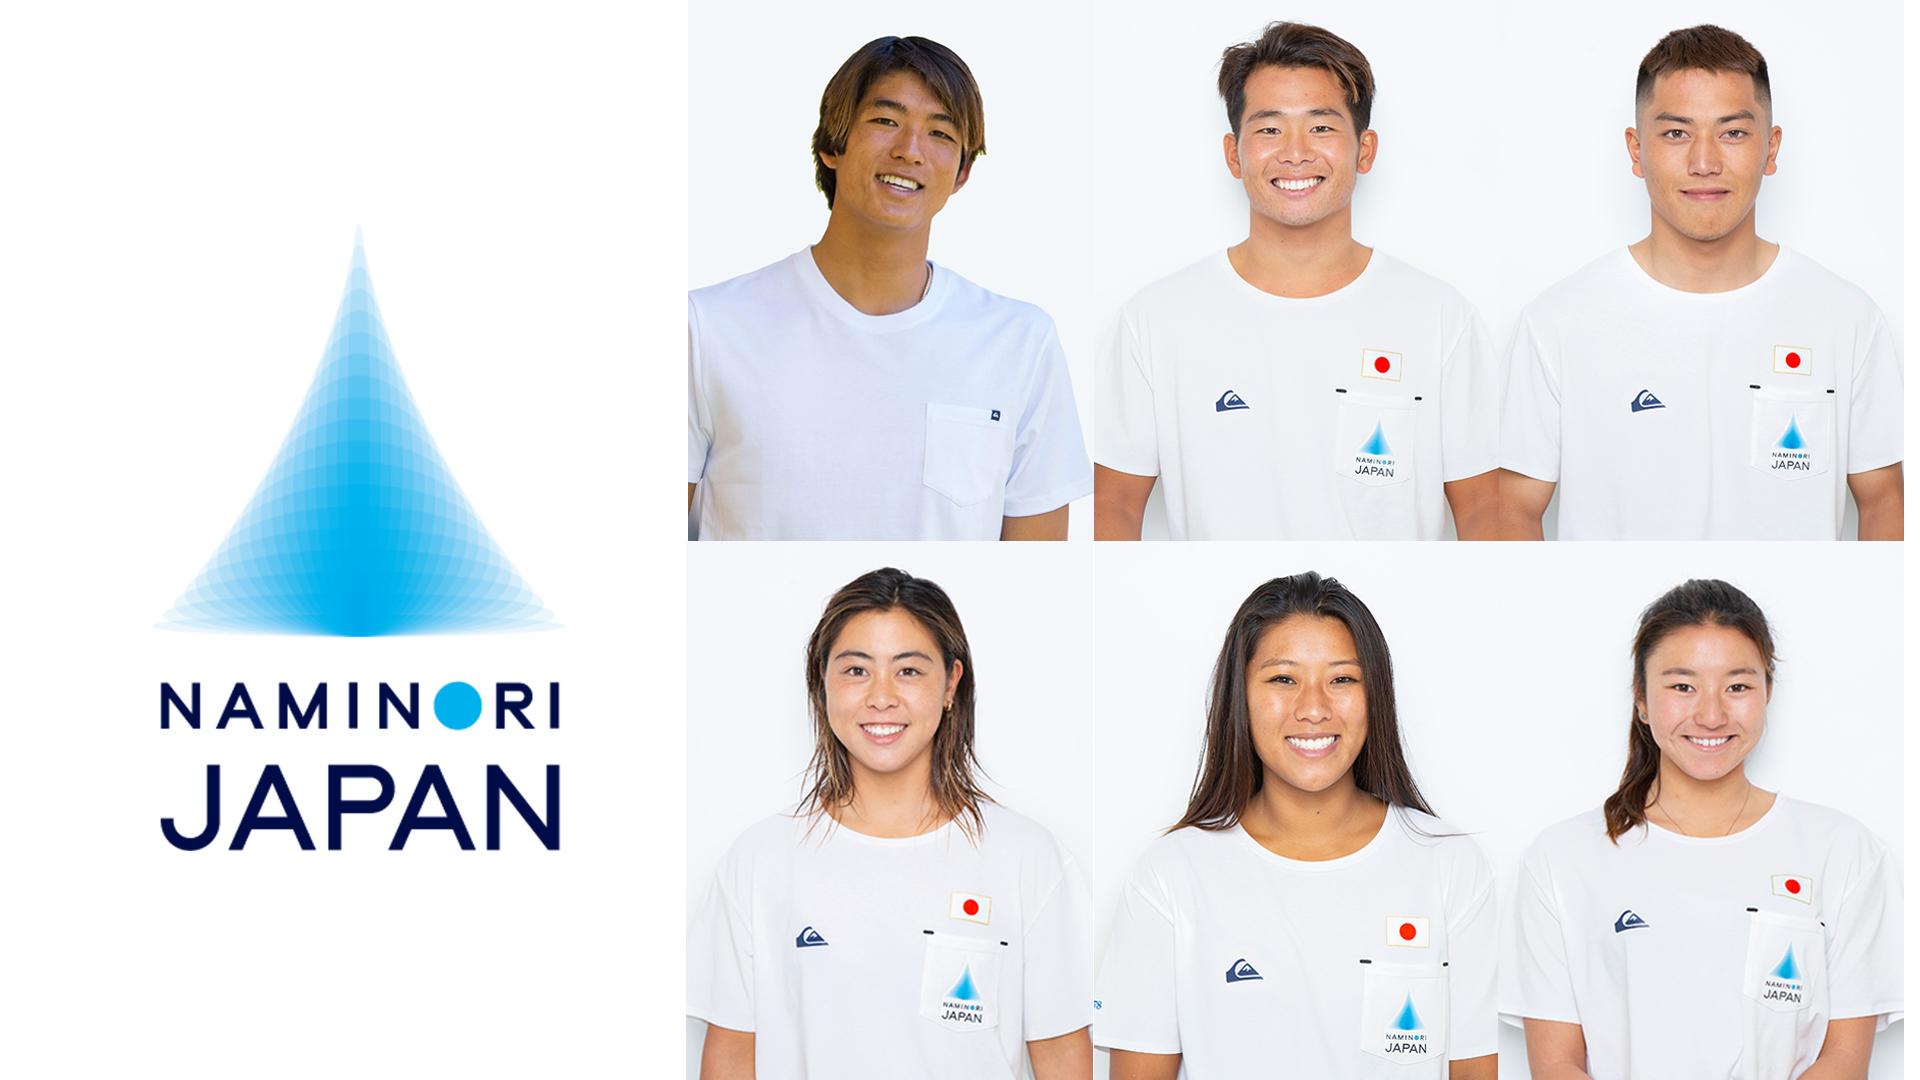 サーフィン日本代表「波乗りジャパン」